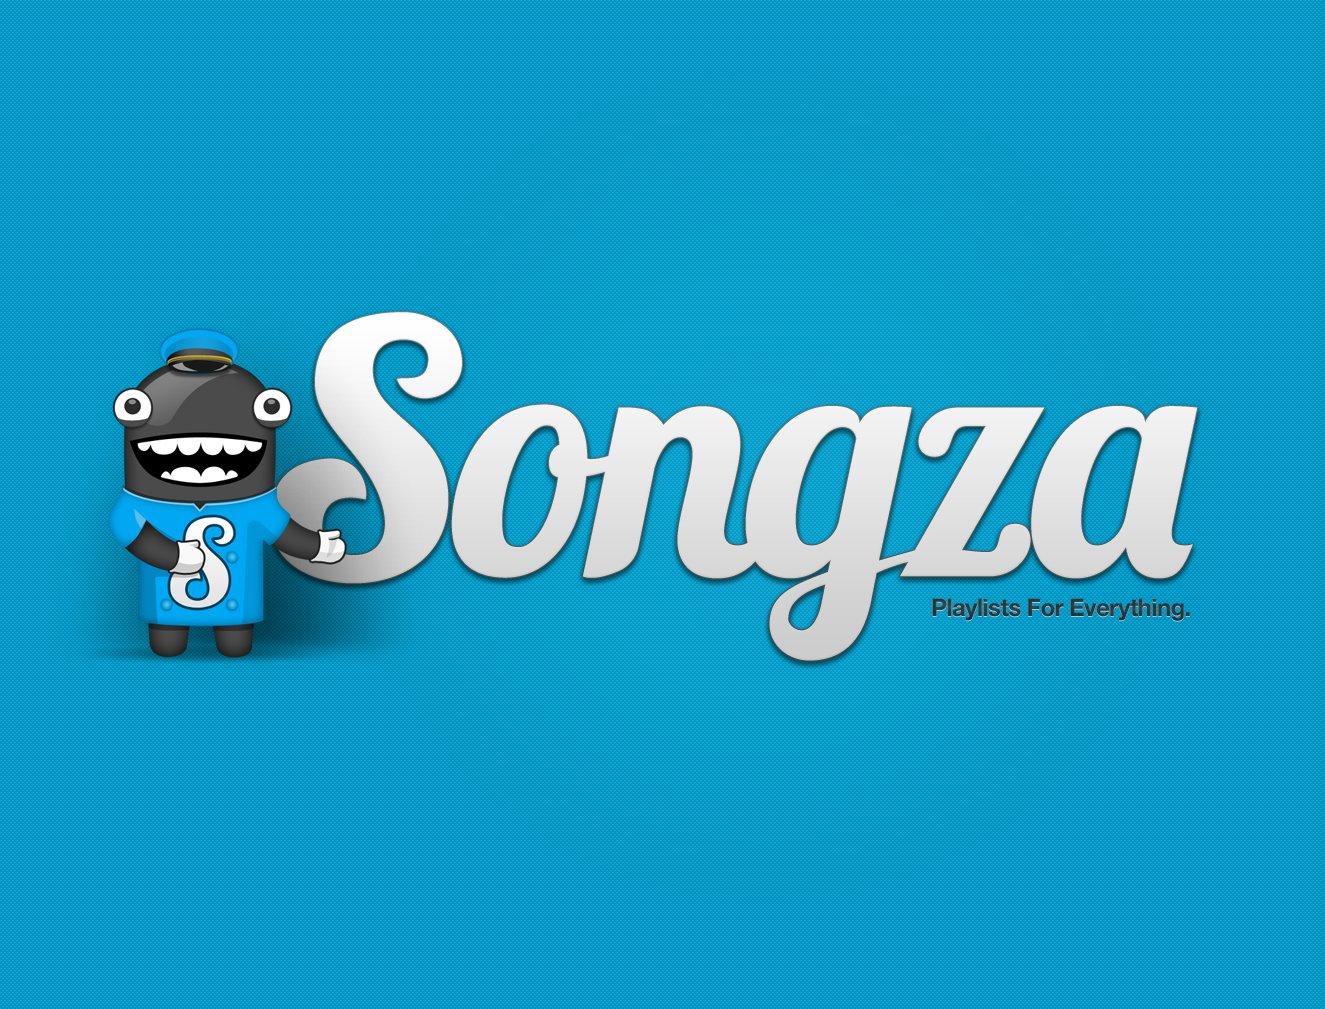 Songza, tempatmu bisa menemukan rekomendasi lagu